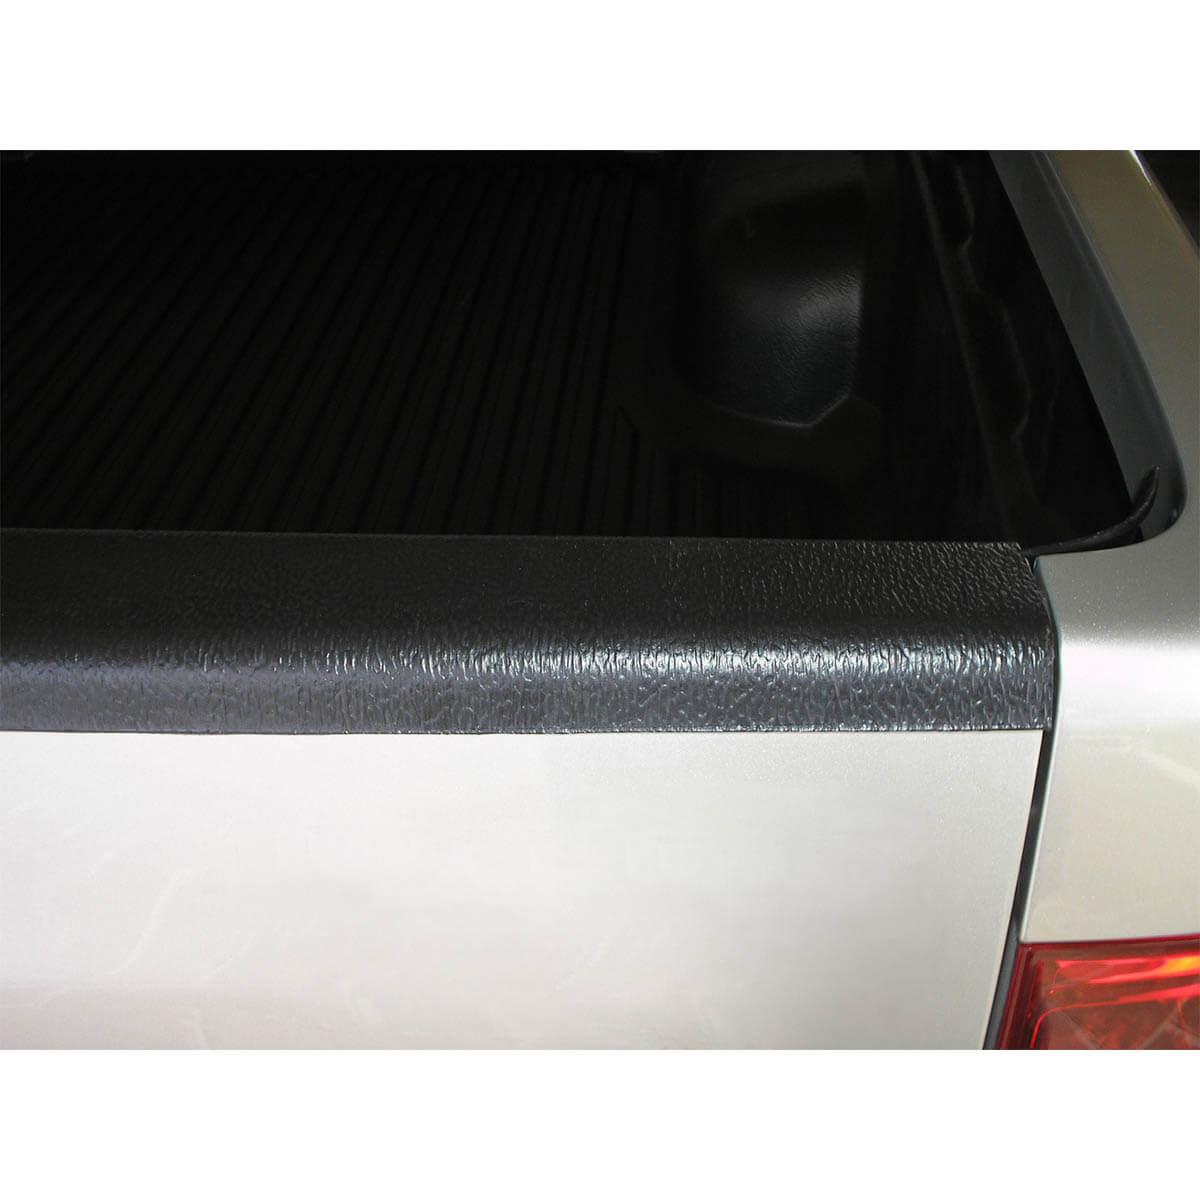 Protetor de caçamba L200 Triton 2012 a 2018 XB, GL, GLS, GLX e Outdoor MT Diesel